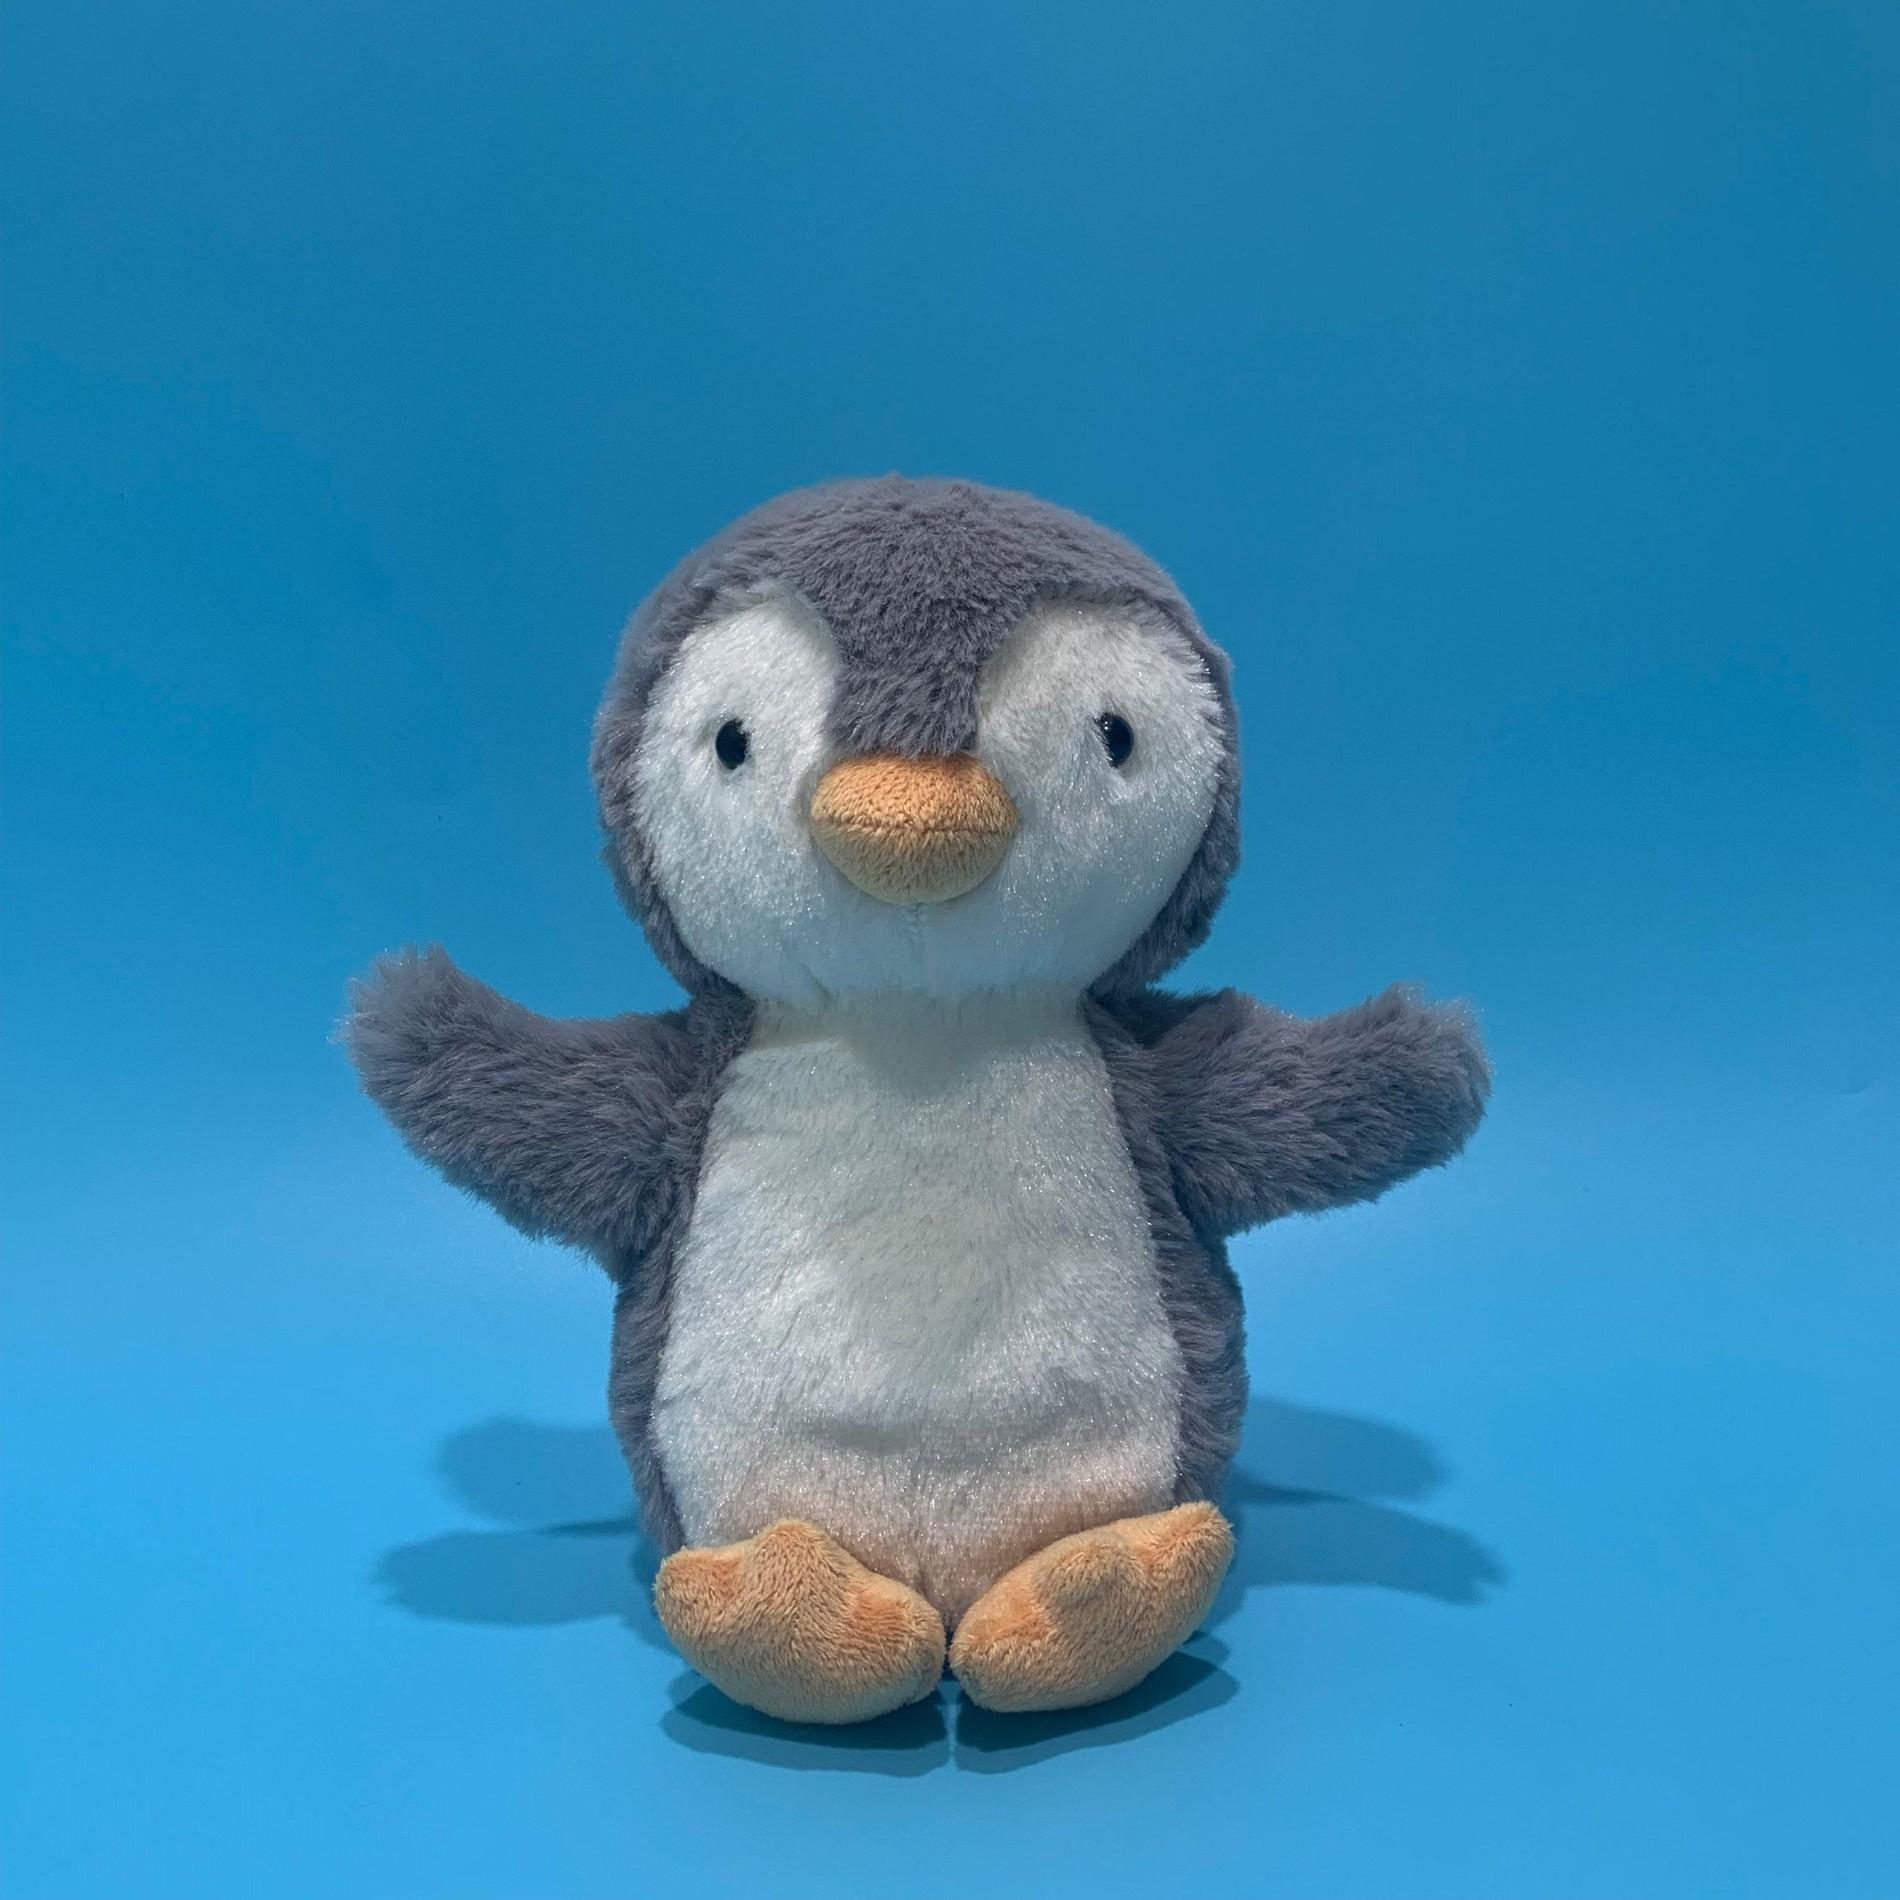 Анимированная игрушка-говорящая плюшевая игрушка-пингвин с повторяющимся голосом и встряхиванием